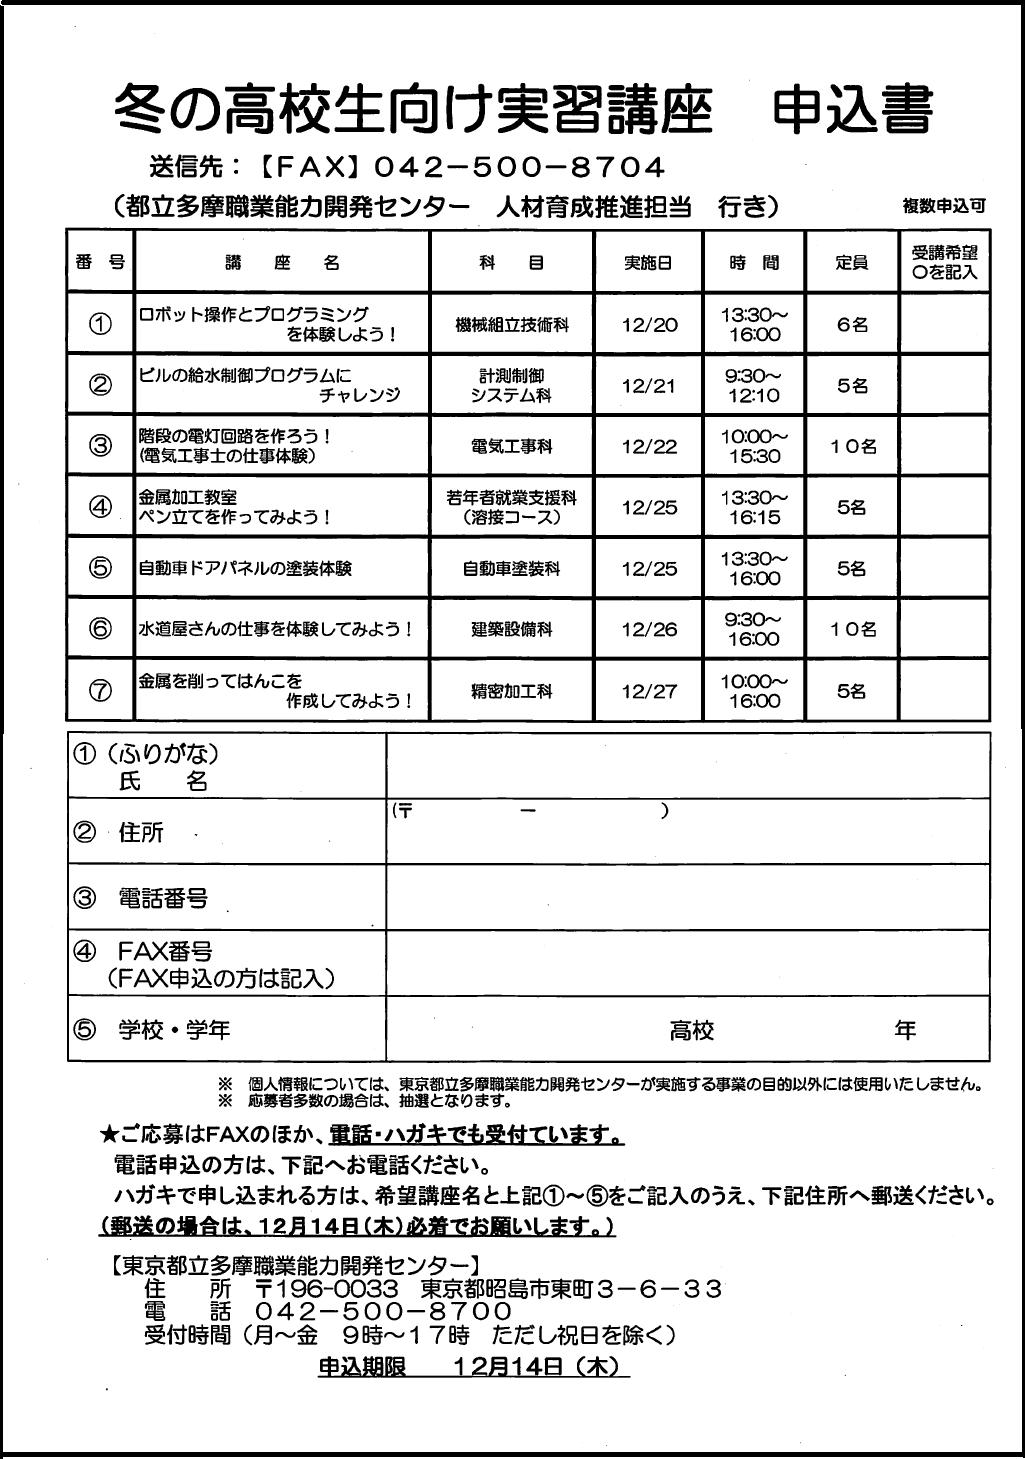 http://cms.hataraku.metro.tokyo.jp/vsdc/tama/koukou%20mousikomi.png